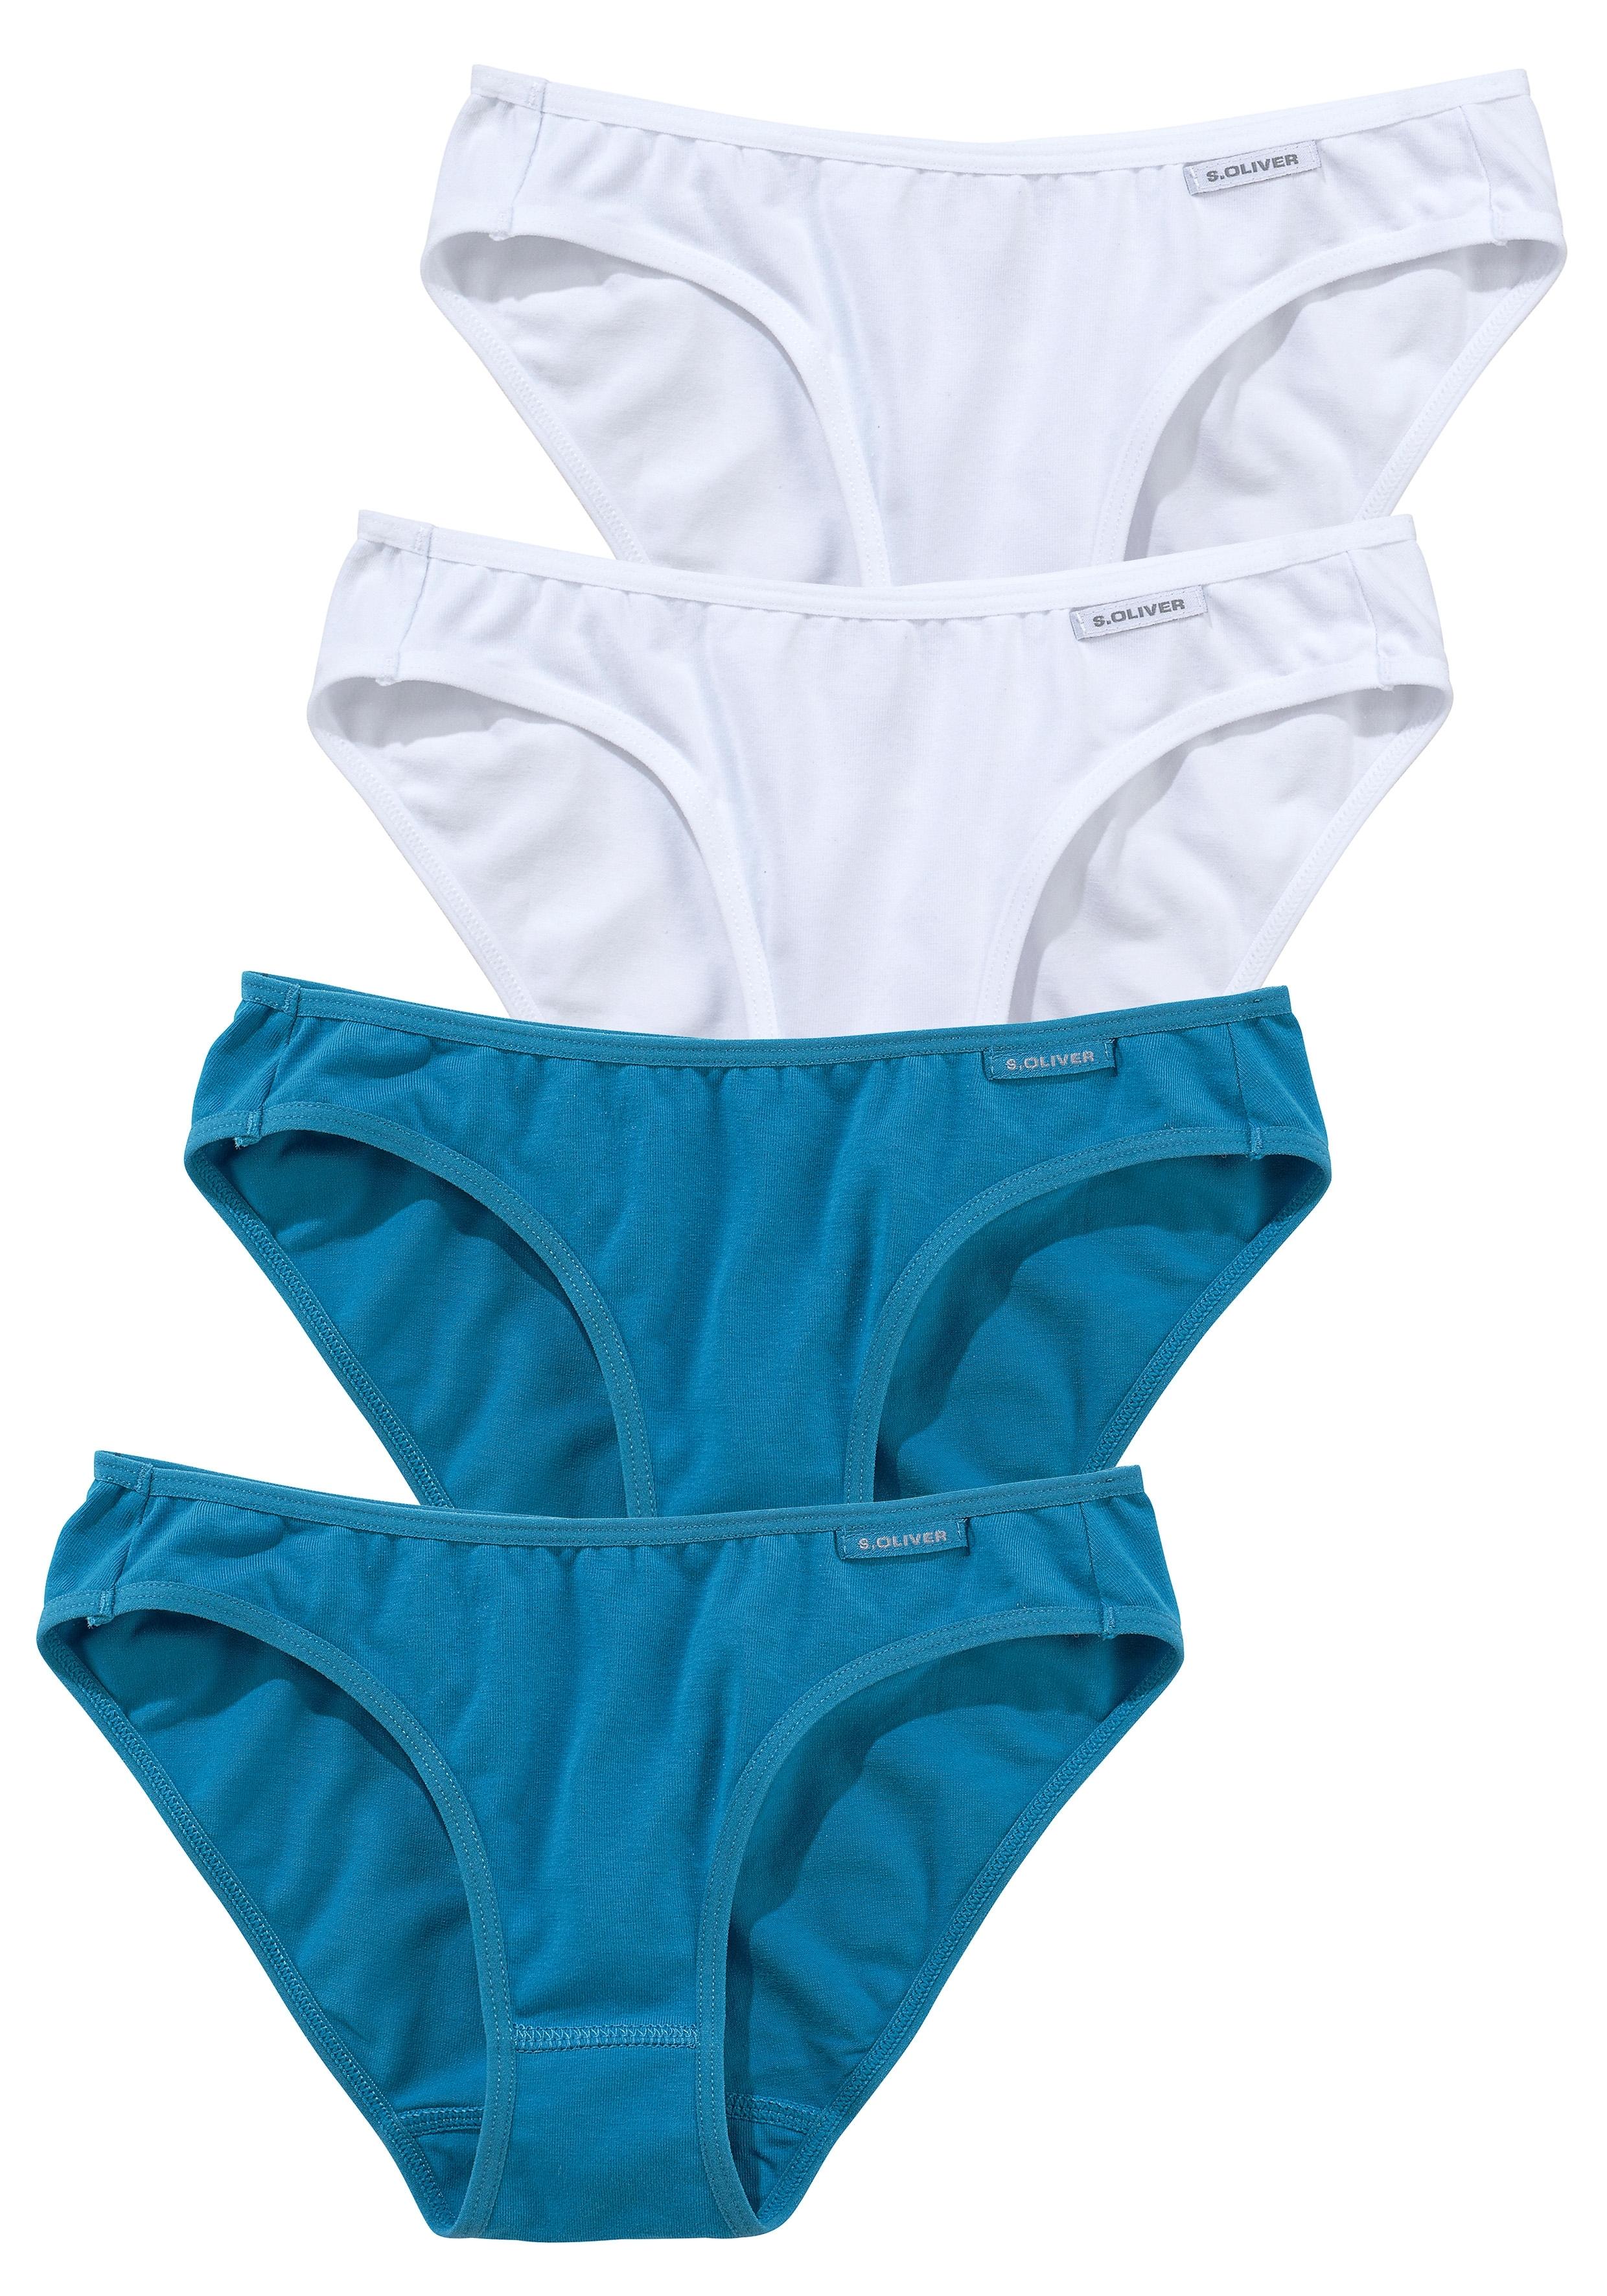 s.Oliver RED LABEL Bikinislip, set van 4 bij OTTO online kopen